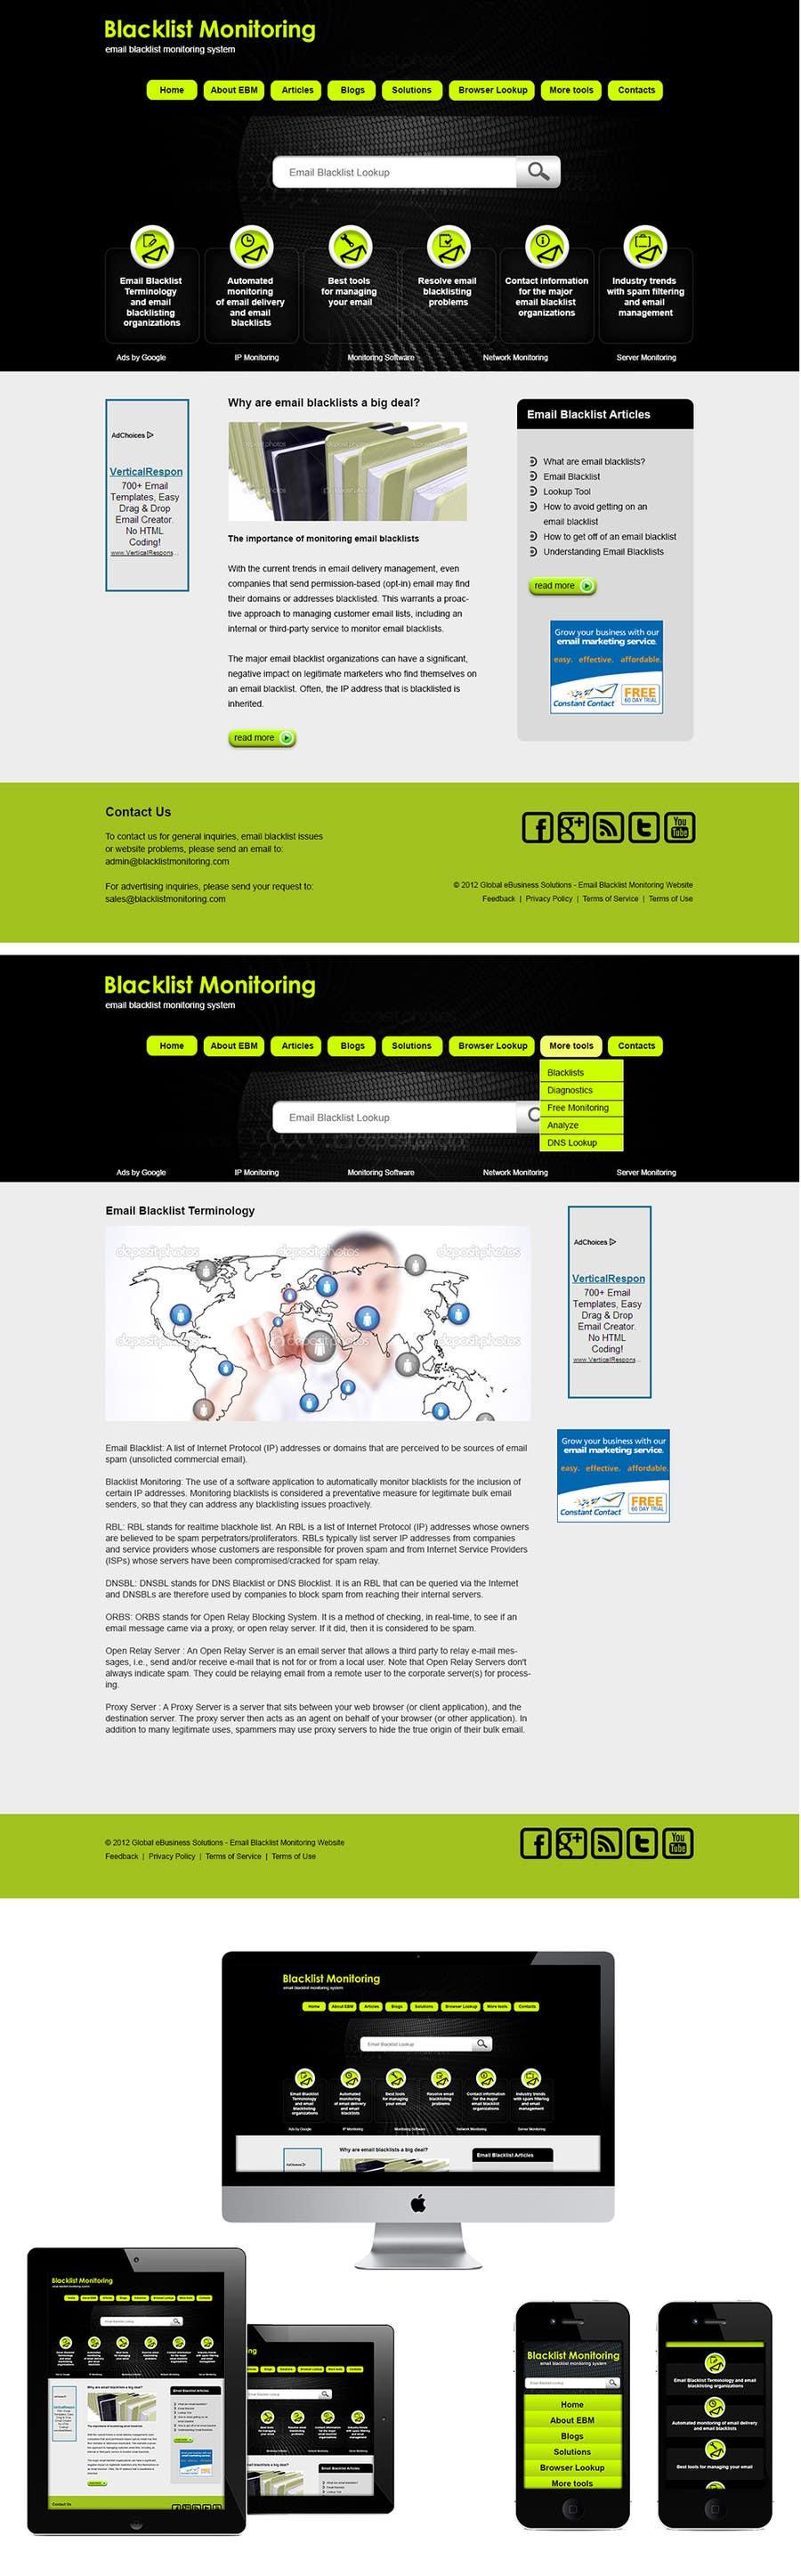 Konkurrenceindlæg #46 for Website Design for Global eBusiness Solutions, Inc. (Blacklist Monitoring Website)